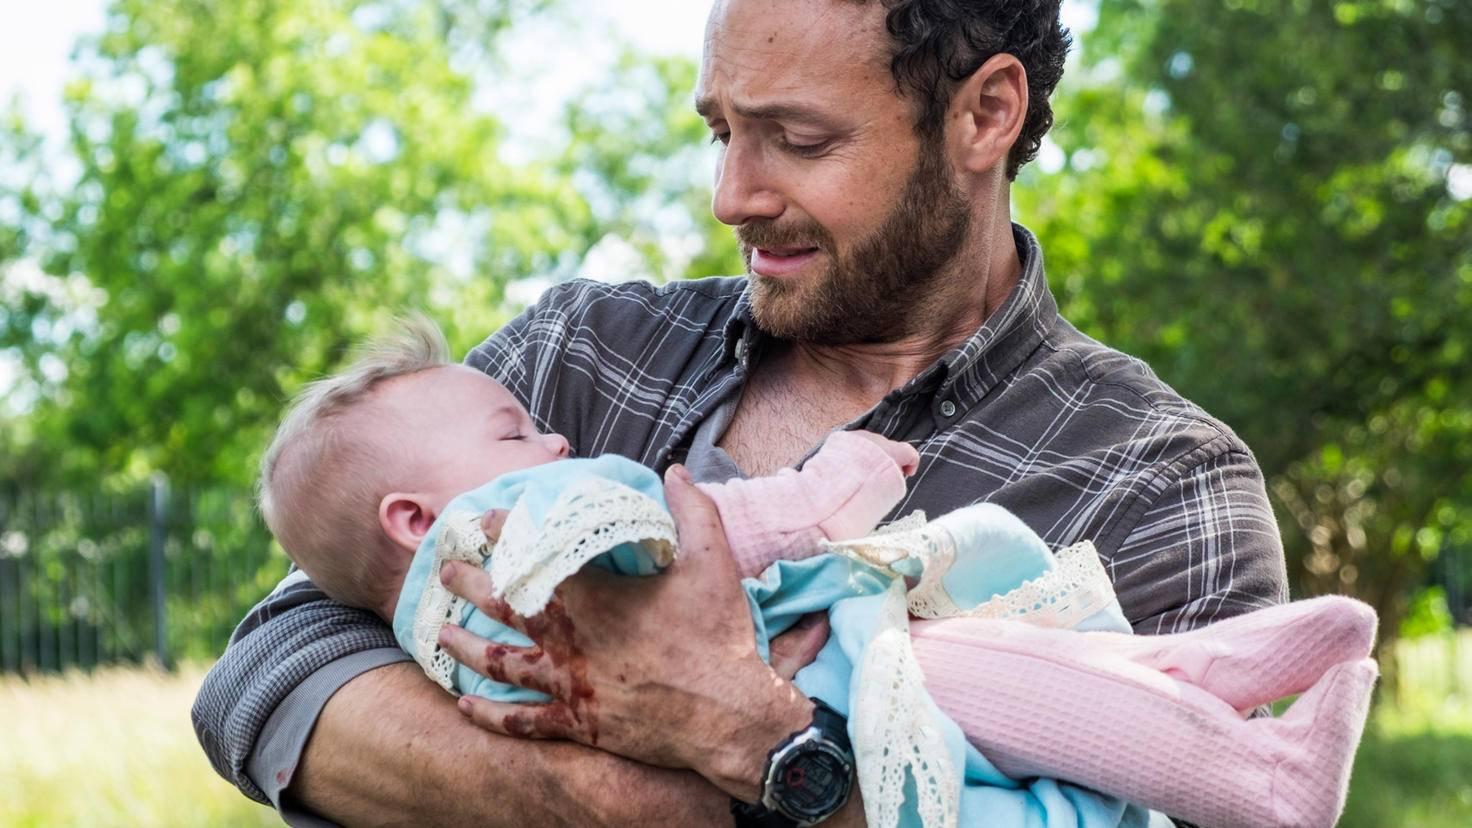 Zwar gibt es in der Zombieapokalypse auch Babies - doch die rasante Zunahme der Zombiezahlen können auch diese Hoffnungsbringer nicht verhindern.